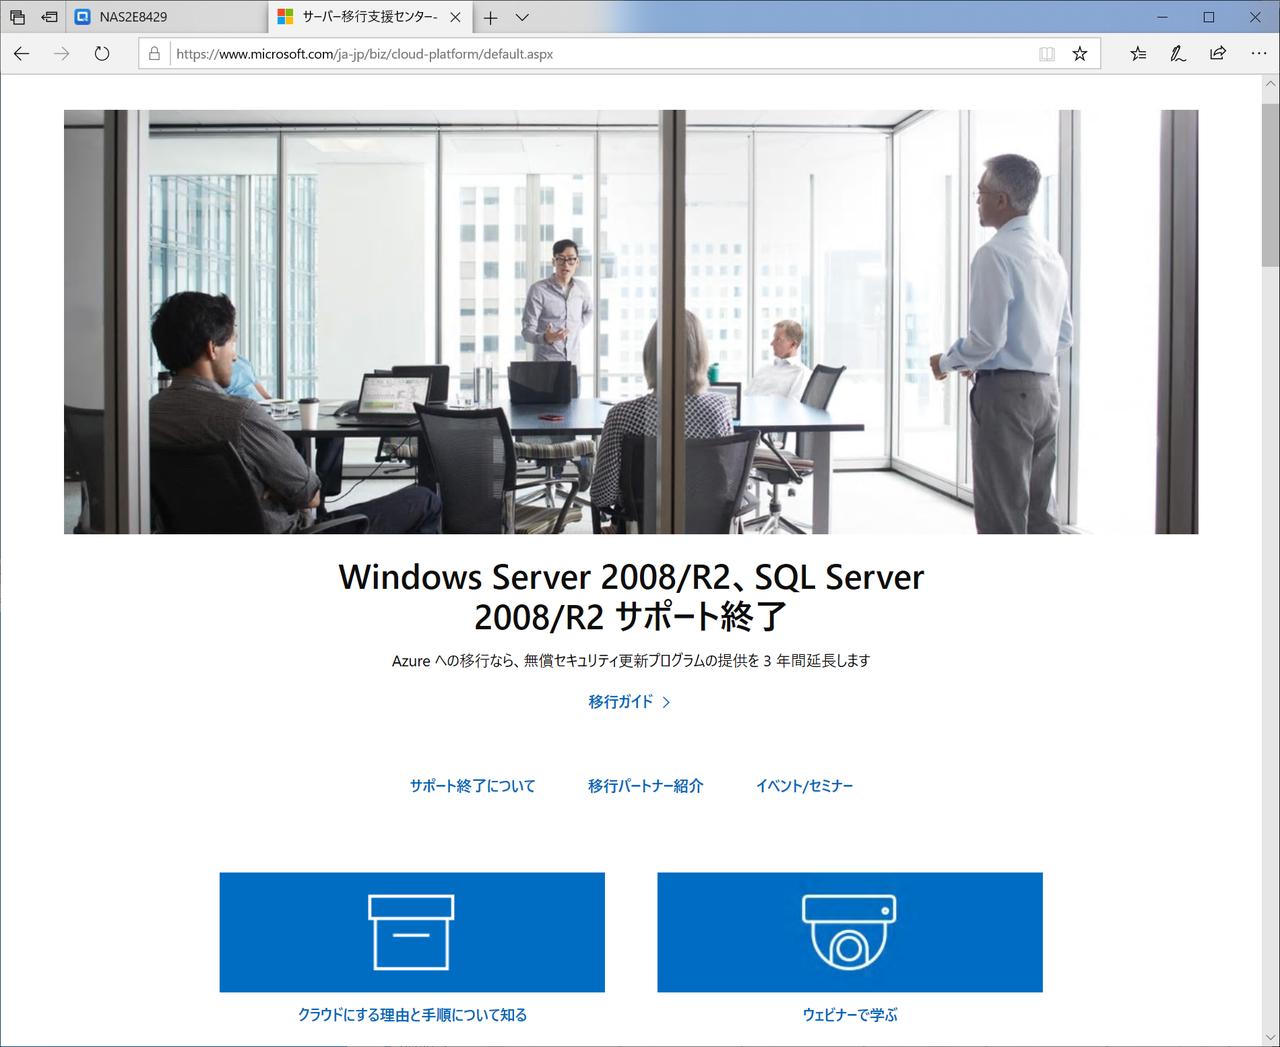 """2020年1月14日、サーバーOSである<a href=""""https://www.microsoft.com/ja-jp/biz/cloud-platform/default.aspx"""" class=""""strong bn"""" target=""""_blank"""">「Windows Server 2008 R2/2008」のサポートが終了</a>する"""